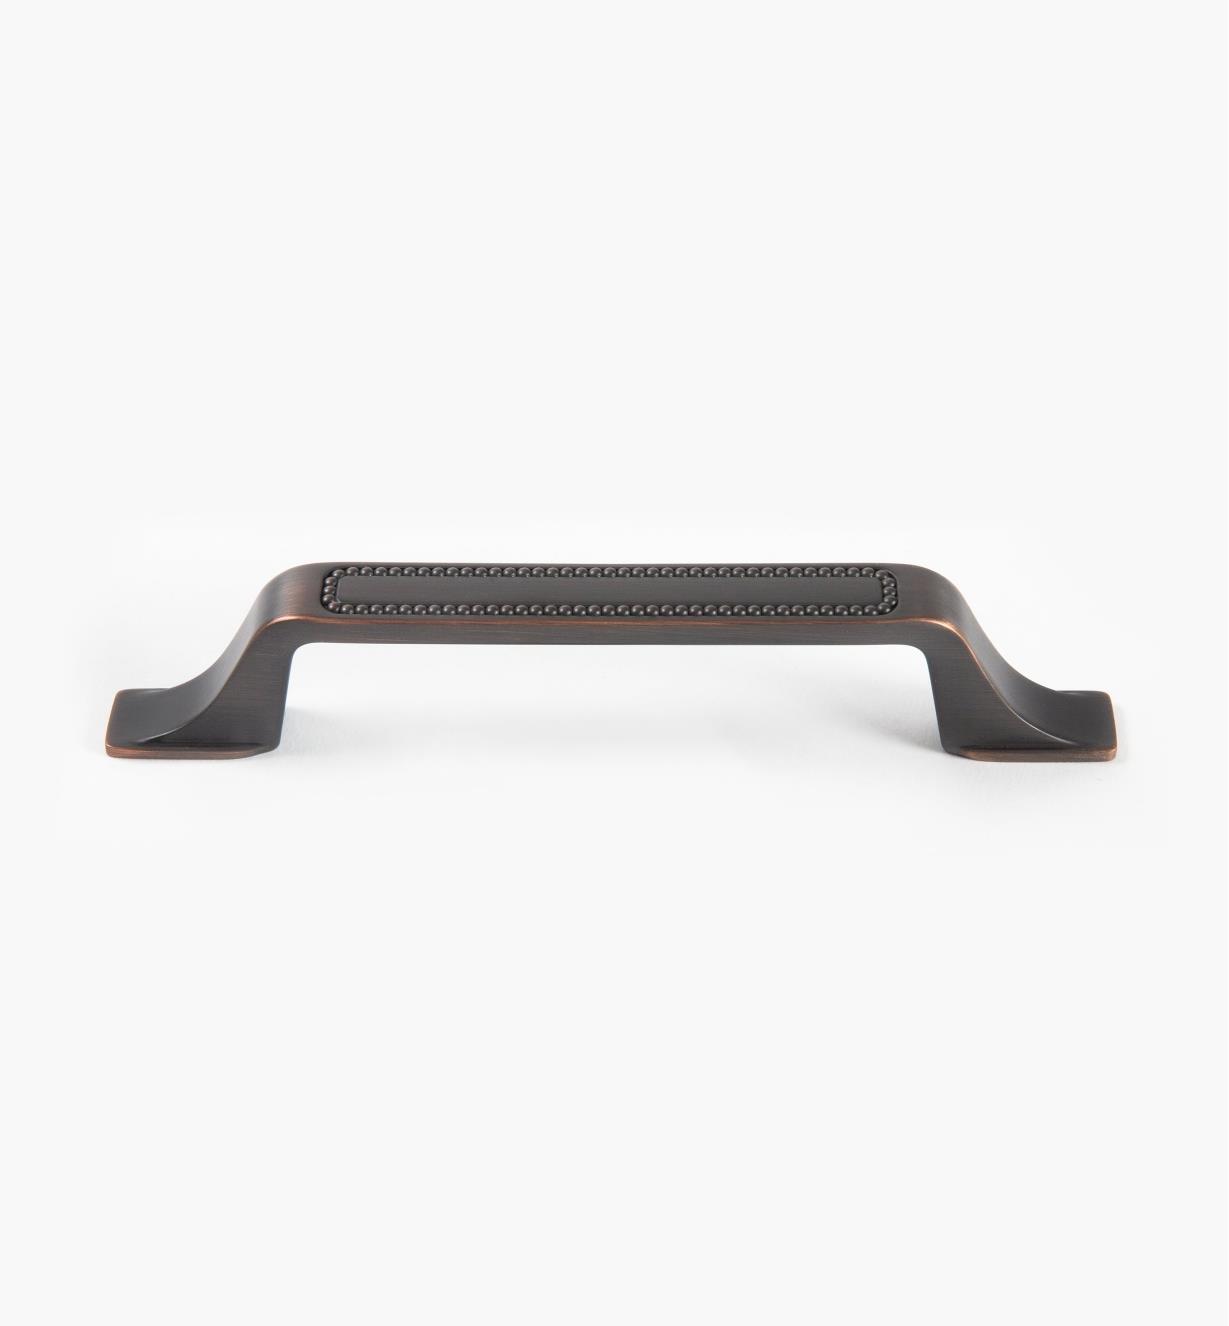 02A1633 - Poignée Carolyne, 128mm x 33mm (173mm), bronze huilé, l'unité